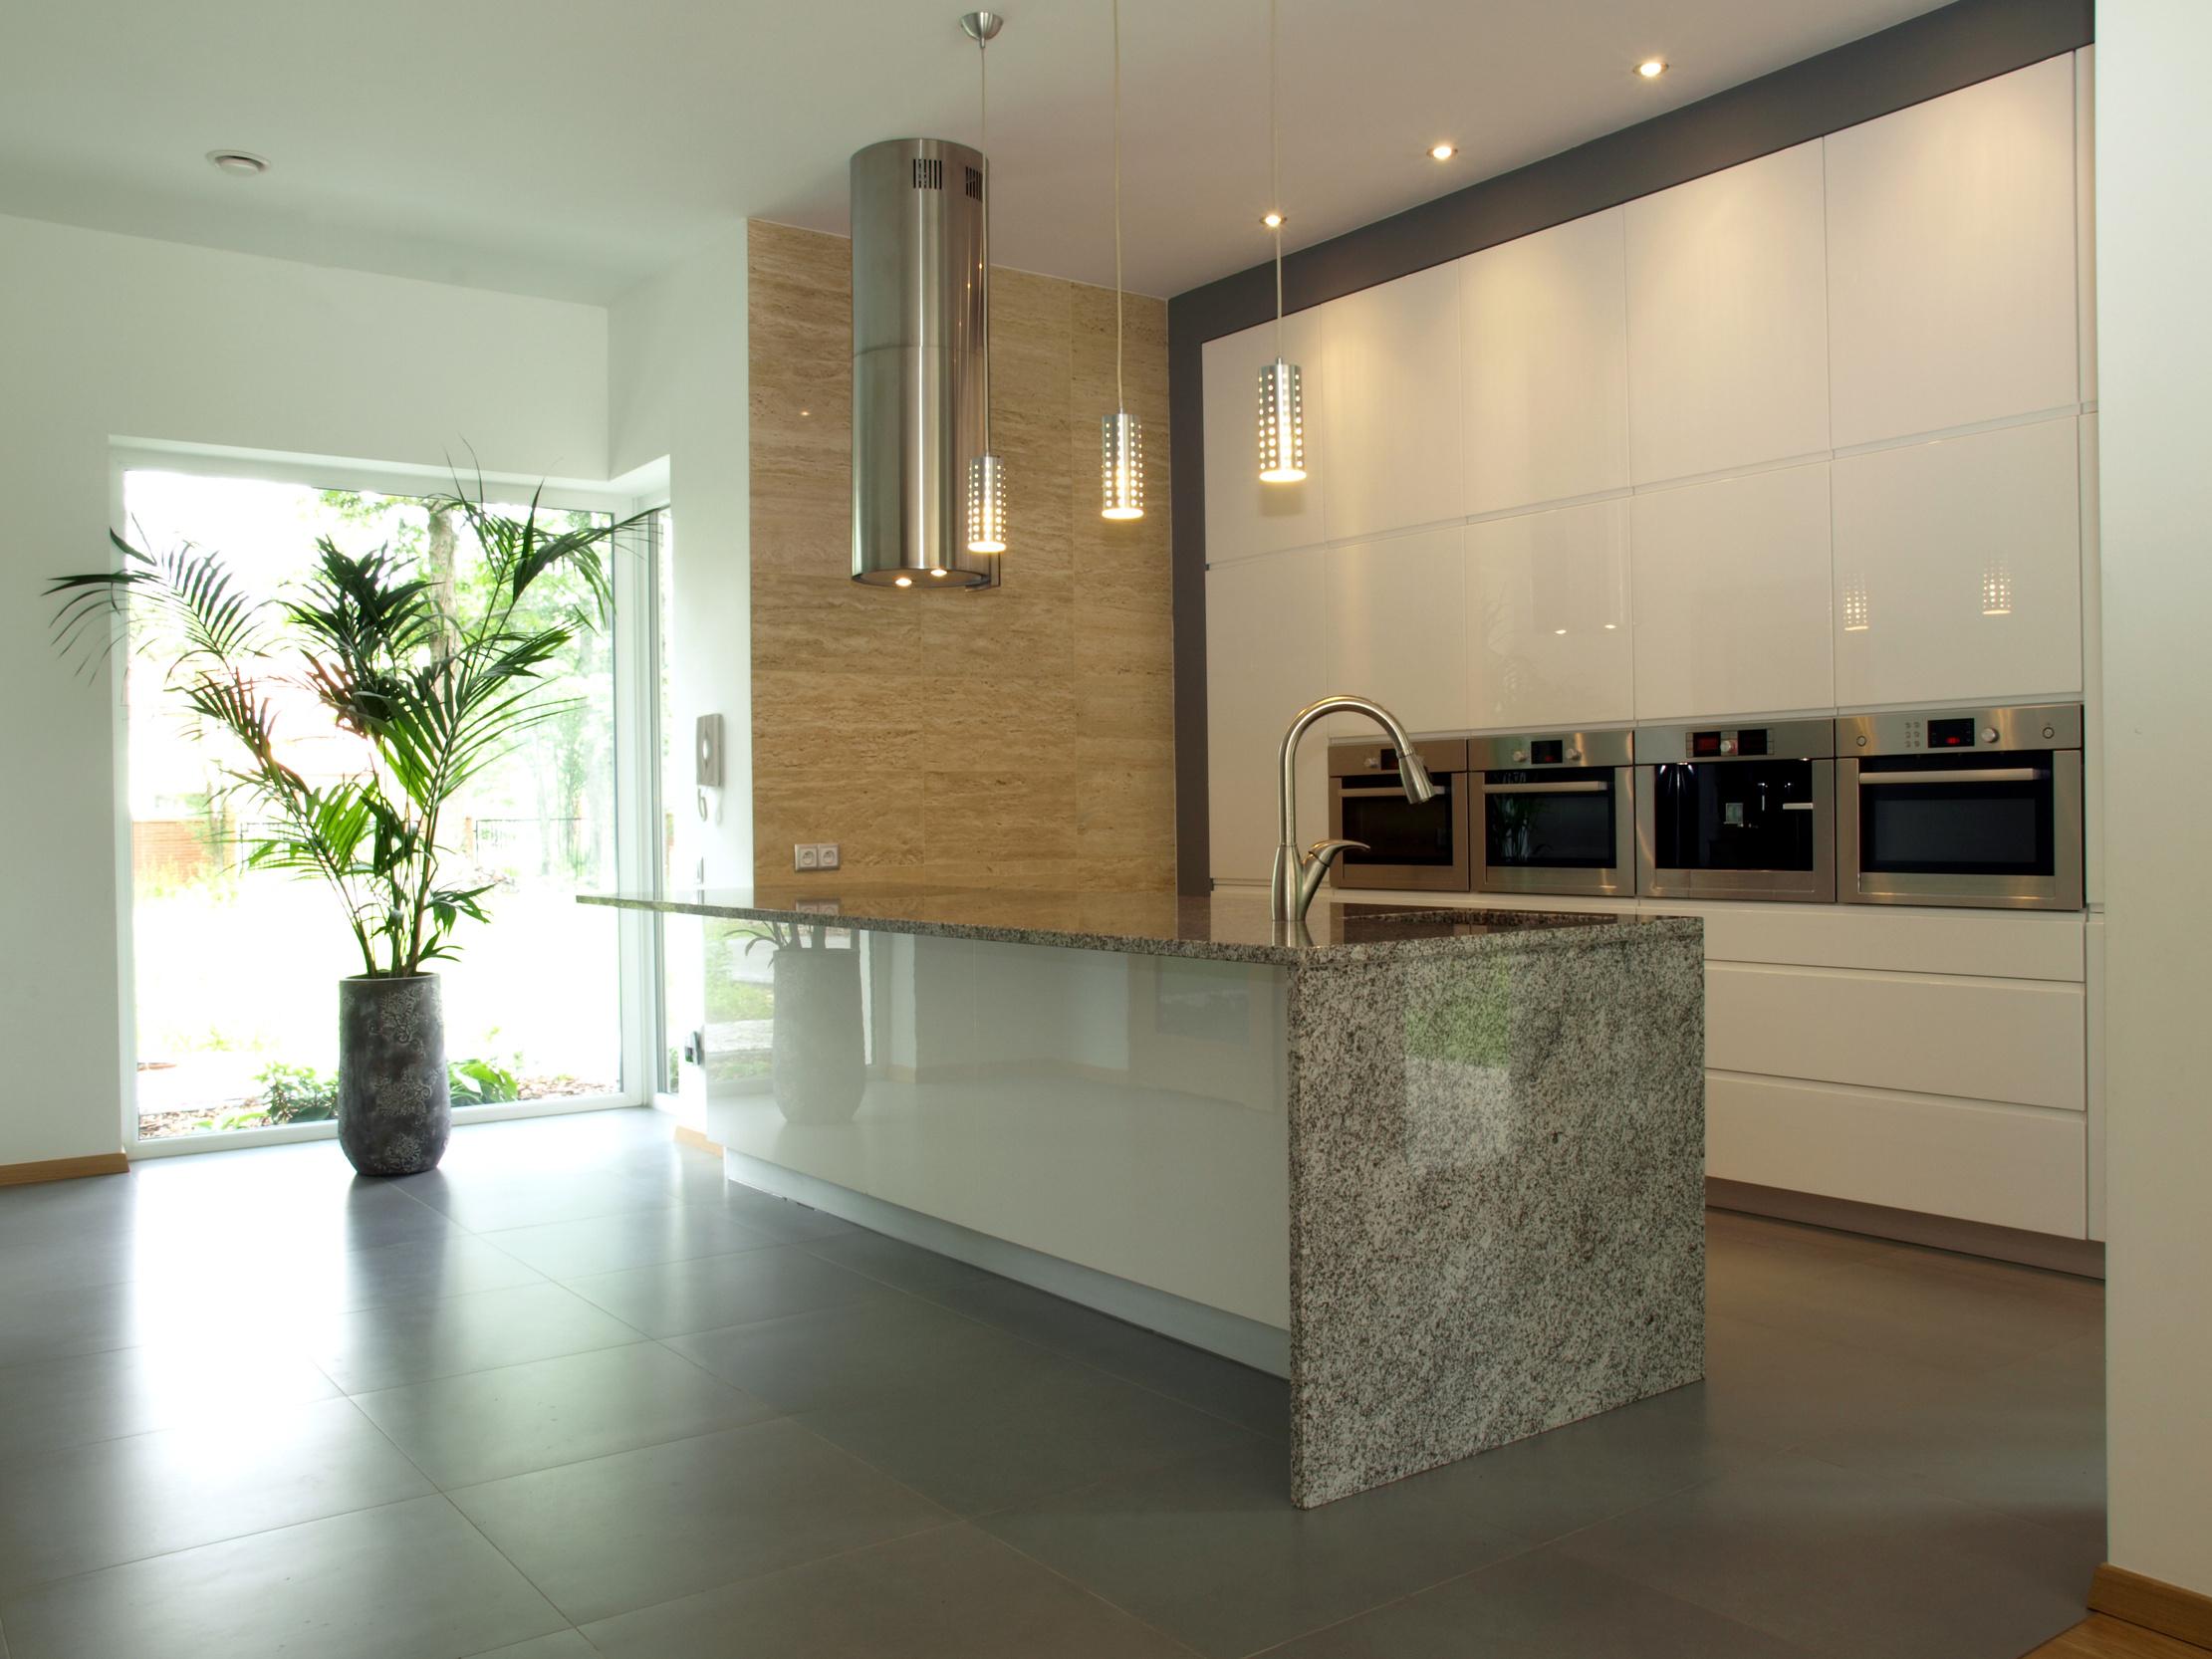 Cozinha Com Pia De Granito E P 233 At 233 O Ch 227 O M 225 Rmores E